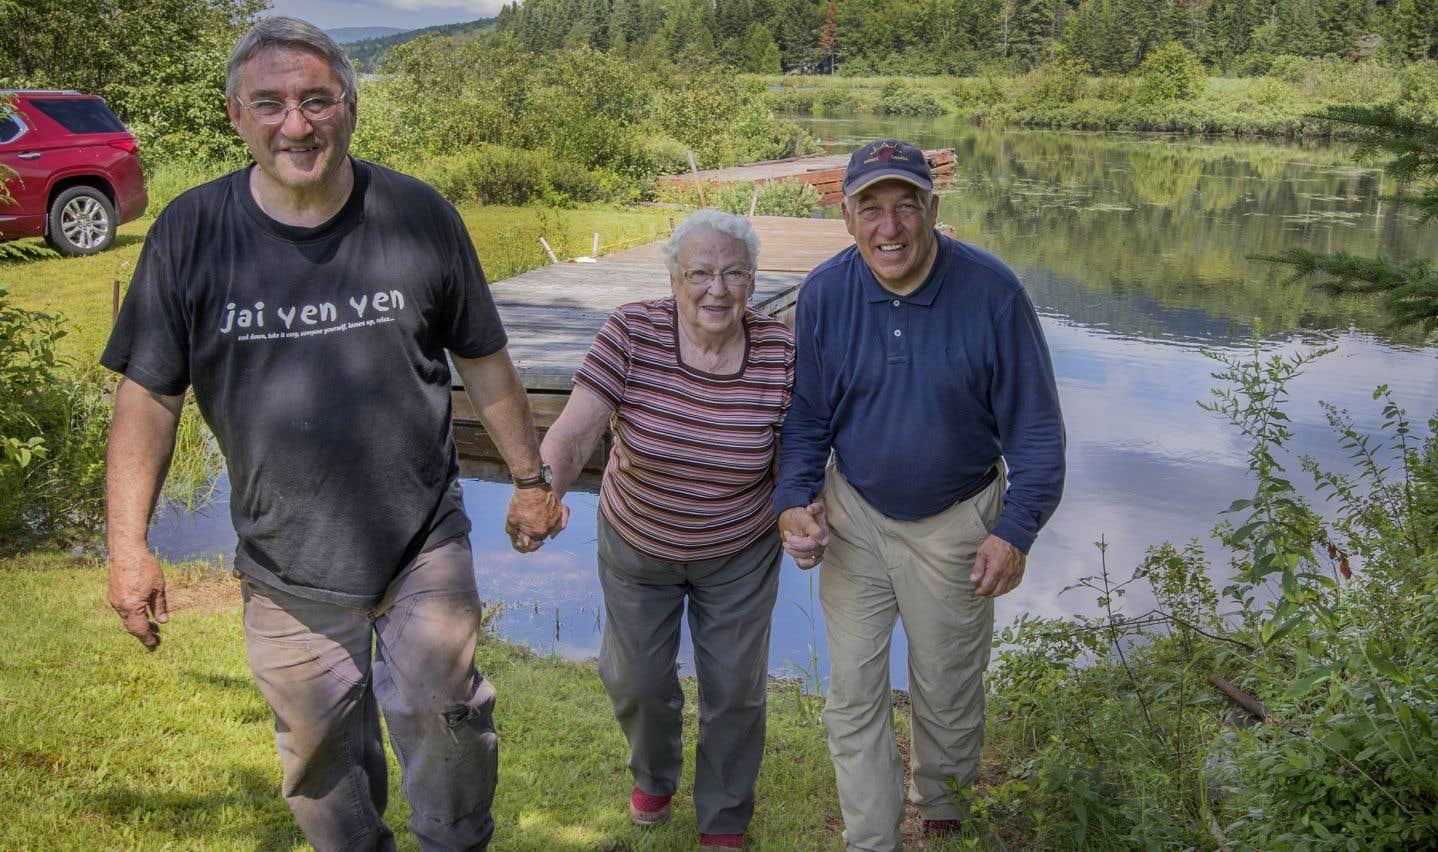 Jeannine Regimbal marche sur son terrain en compagnie d'André Gaudet et de Jacques Deguire. Après la découverte de l'avion, les familles des défunts passaient devant la maison de cette dame de 89 ans pour traverser le lac Archambault, puis gravir la montagne Noire.